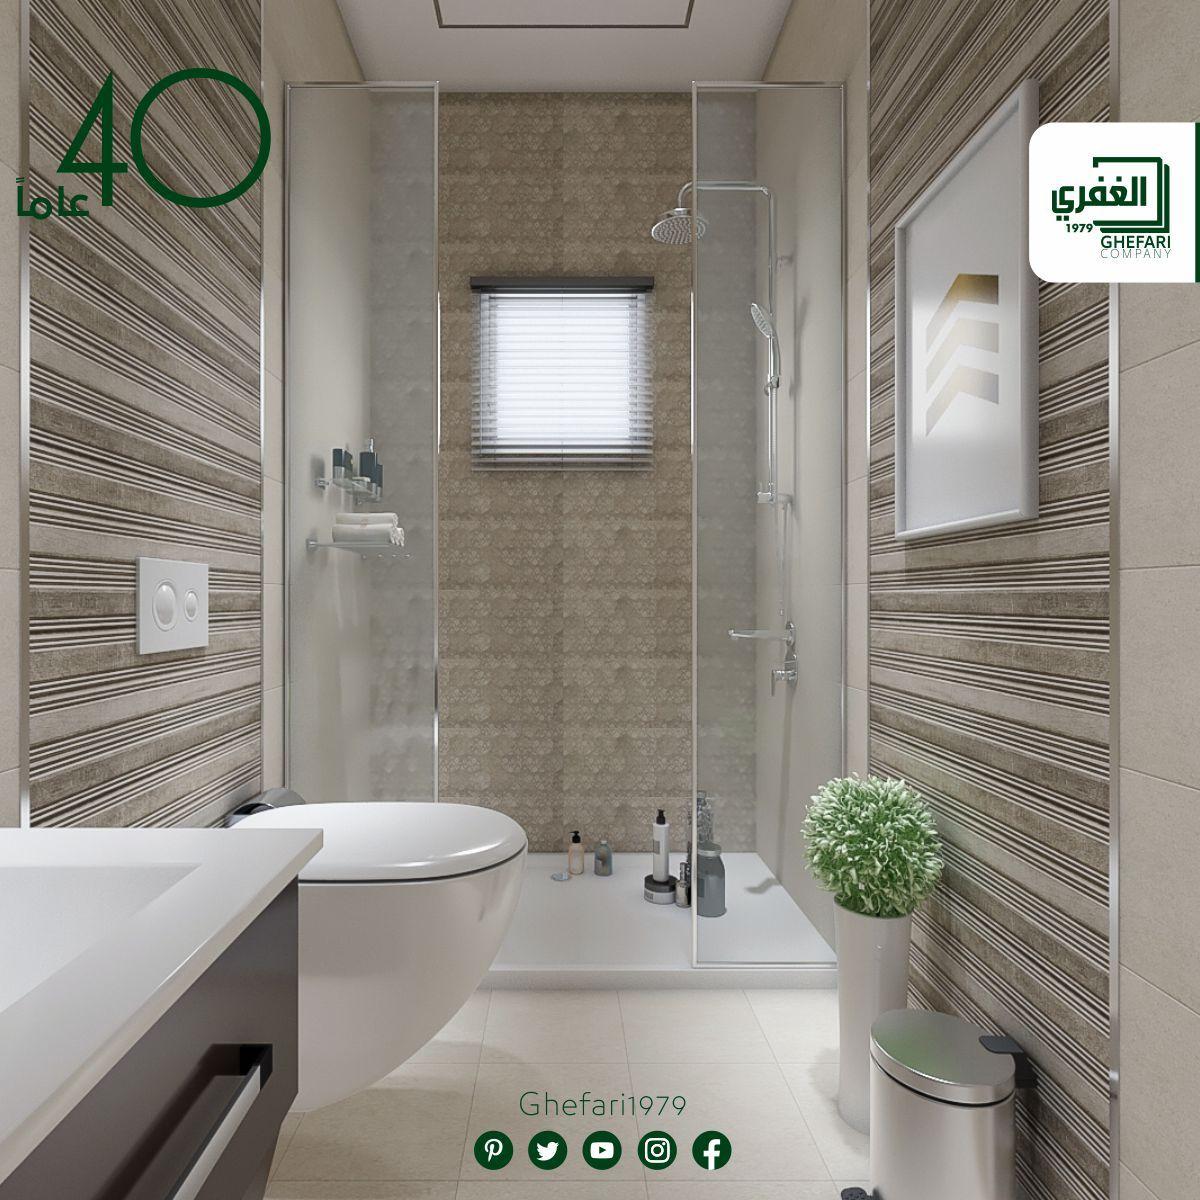 كراميكا حوائط حمامات مطبخ اسباني الصنع مقاس 25x75 ديكور 25x75 للمزيد زورونا على موقع الشركة Www Ghefari Com واتس اب 00 Bathtub Alcove Bathtub Bathroom